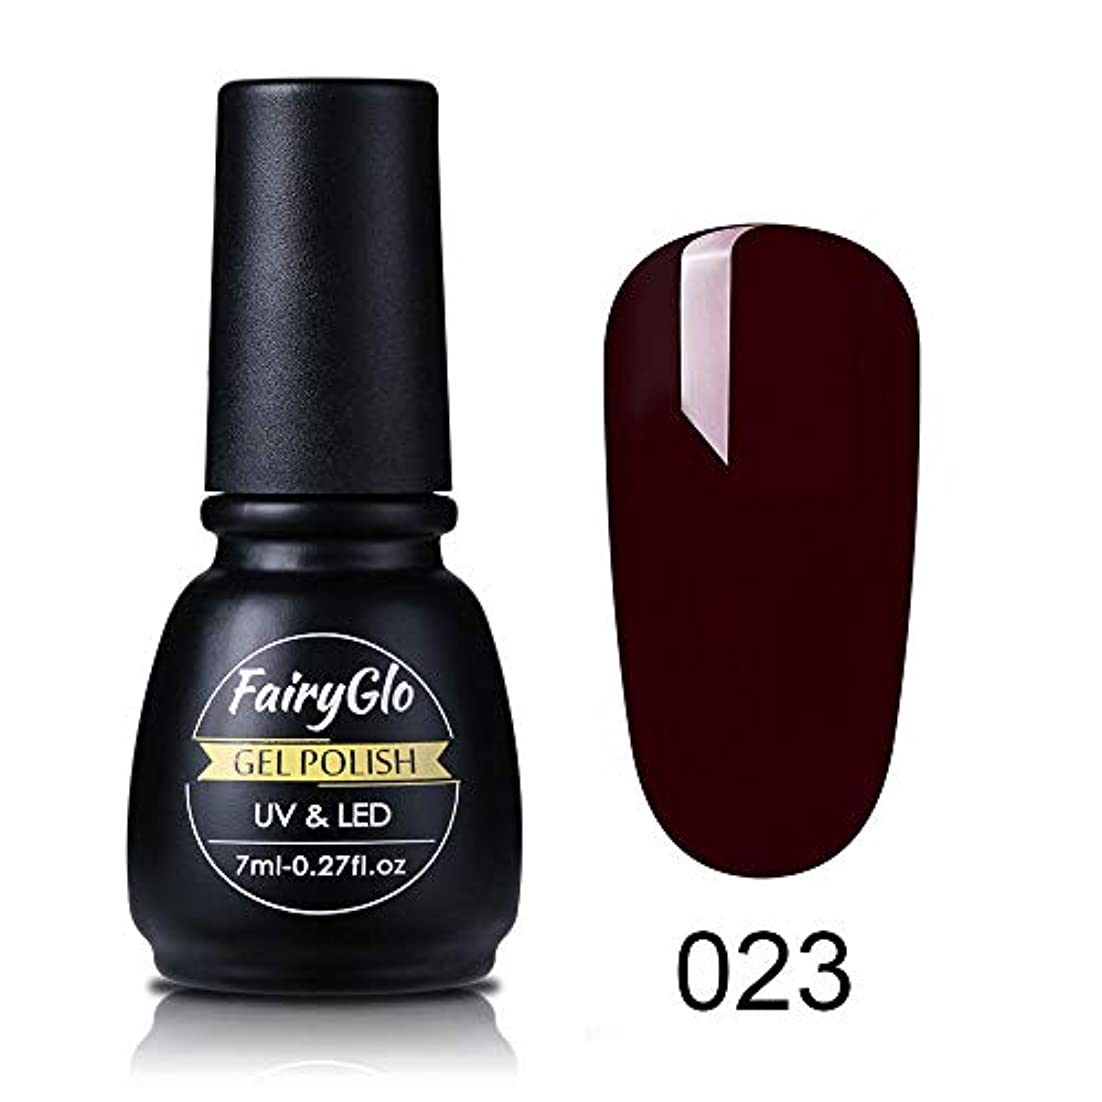 存在落ち着いたじゃないFairyglo ジェルネイル カラージェル 超長い蓋 塗りが便利 1色入り 7ml 【全42色選択可】